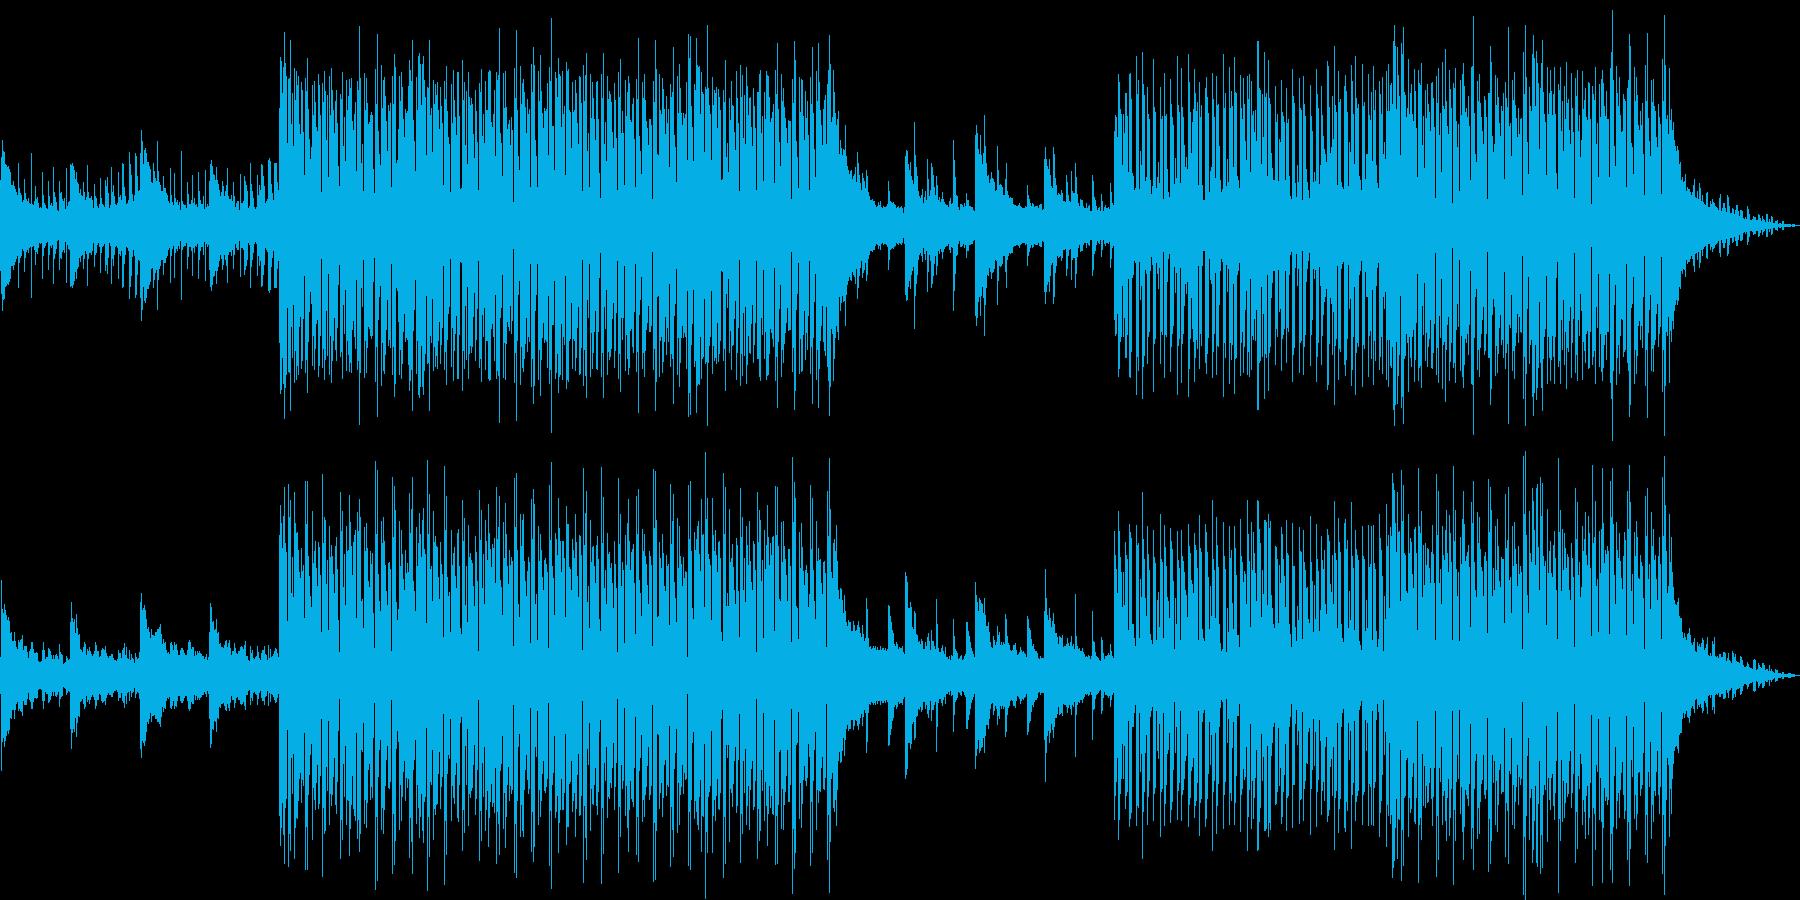 夏のサンセットに合うチルアウトハウスの再生済みの波形